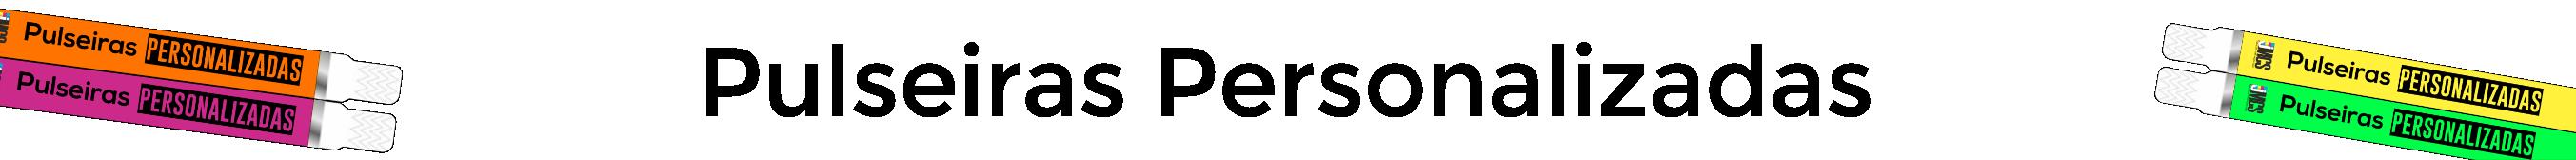 tarja2